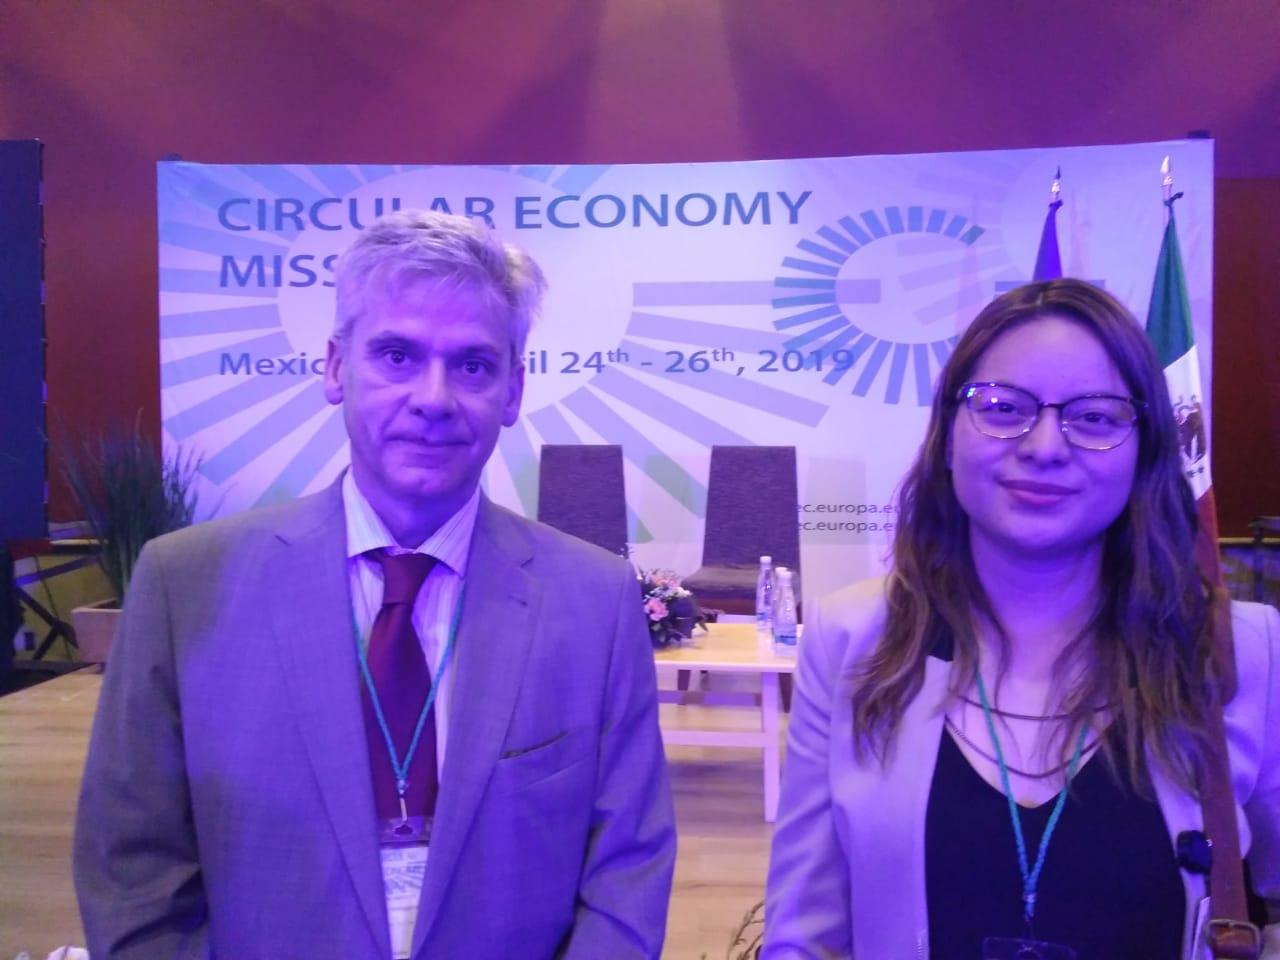 ECOSS Circular en CEM EU MX 2019, Misión Internacional de Economía Circular